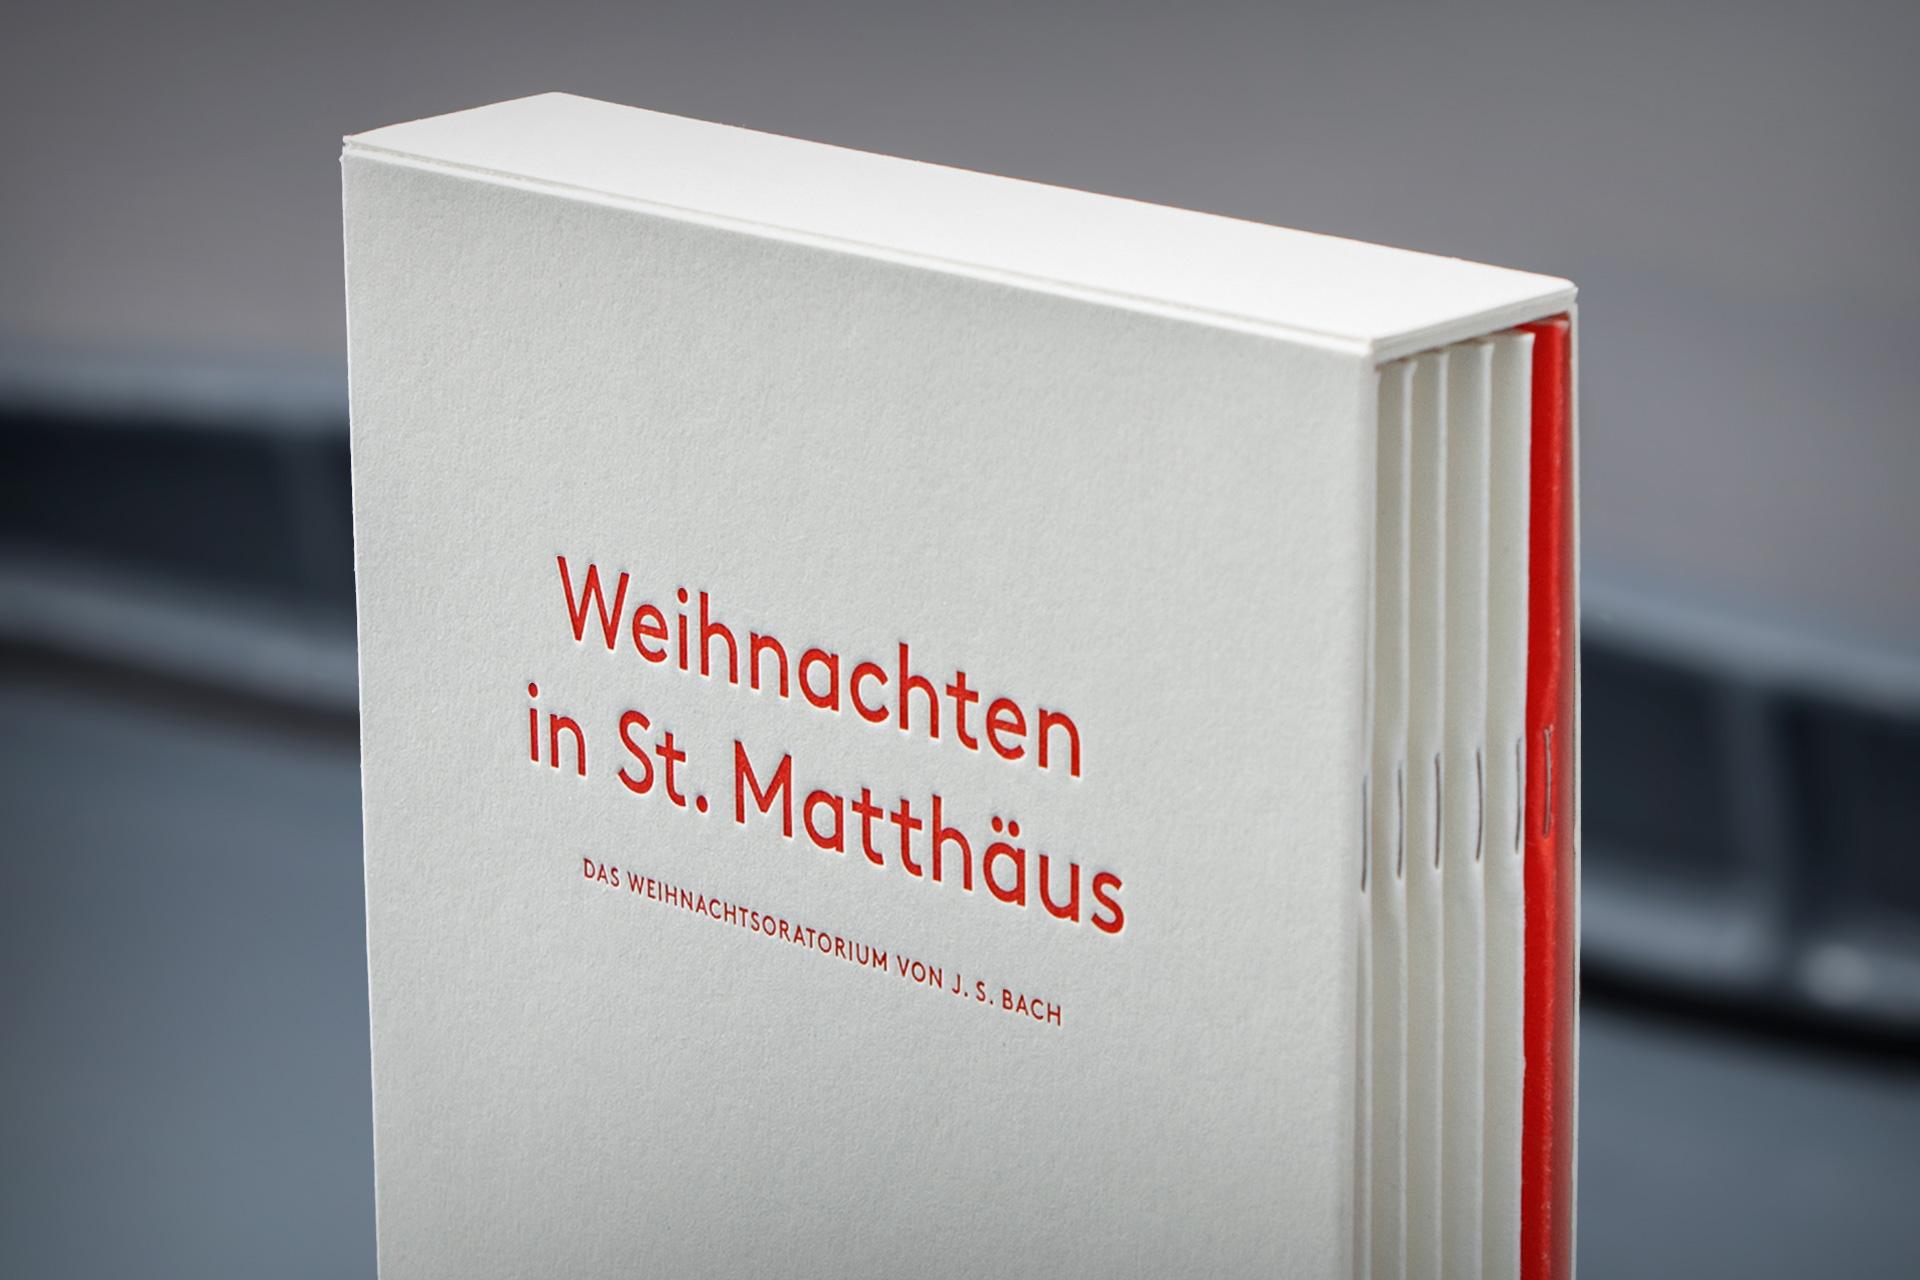 Schuber Weihnachten in St. Matthäus